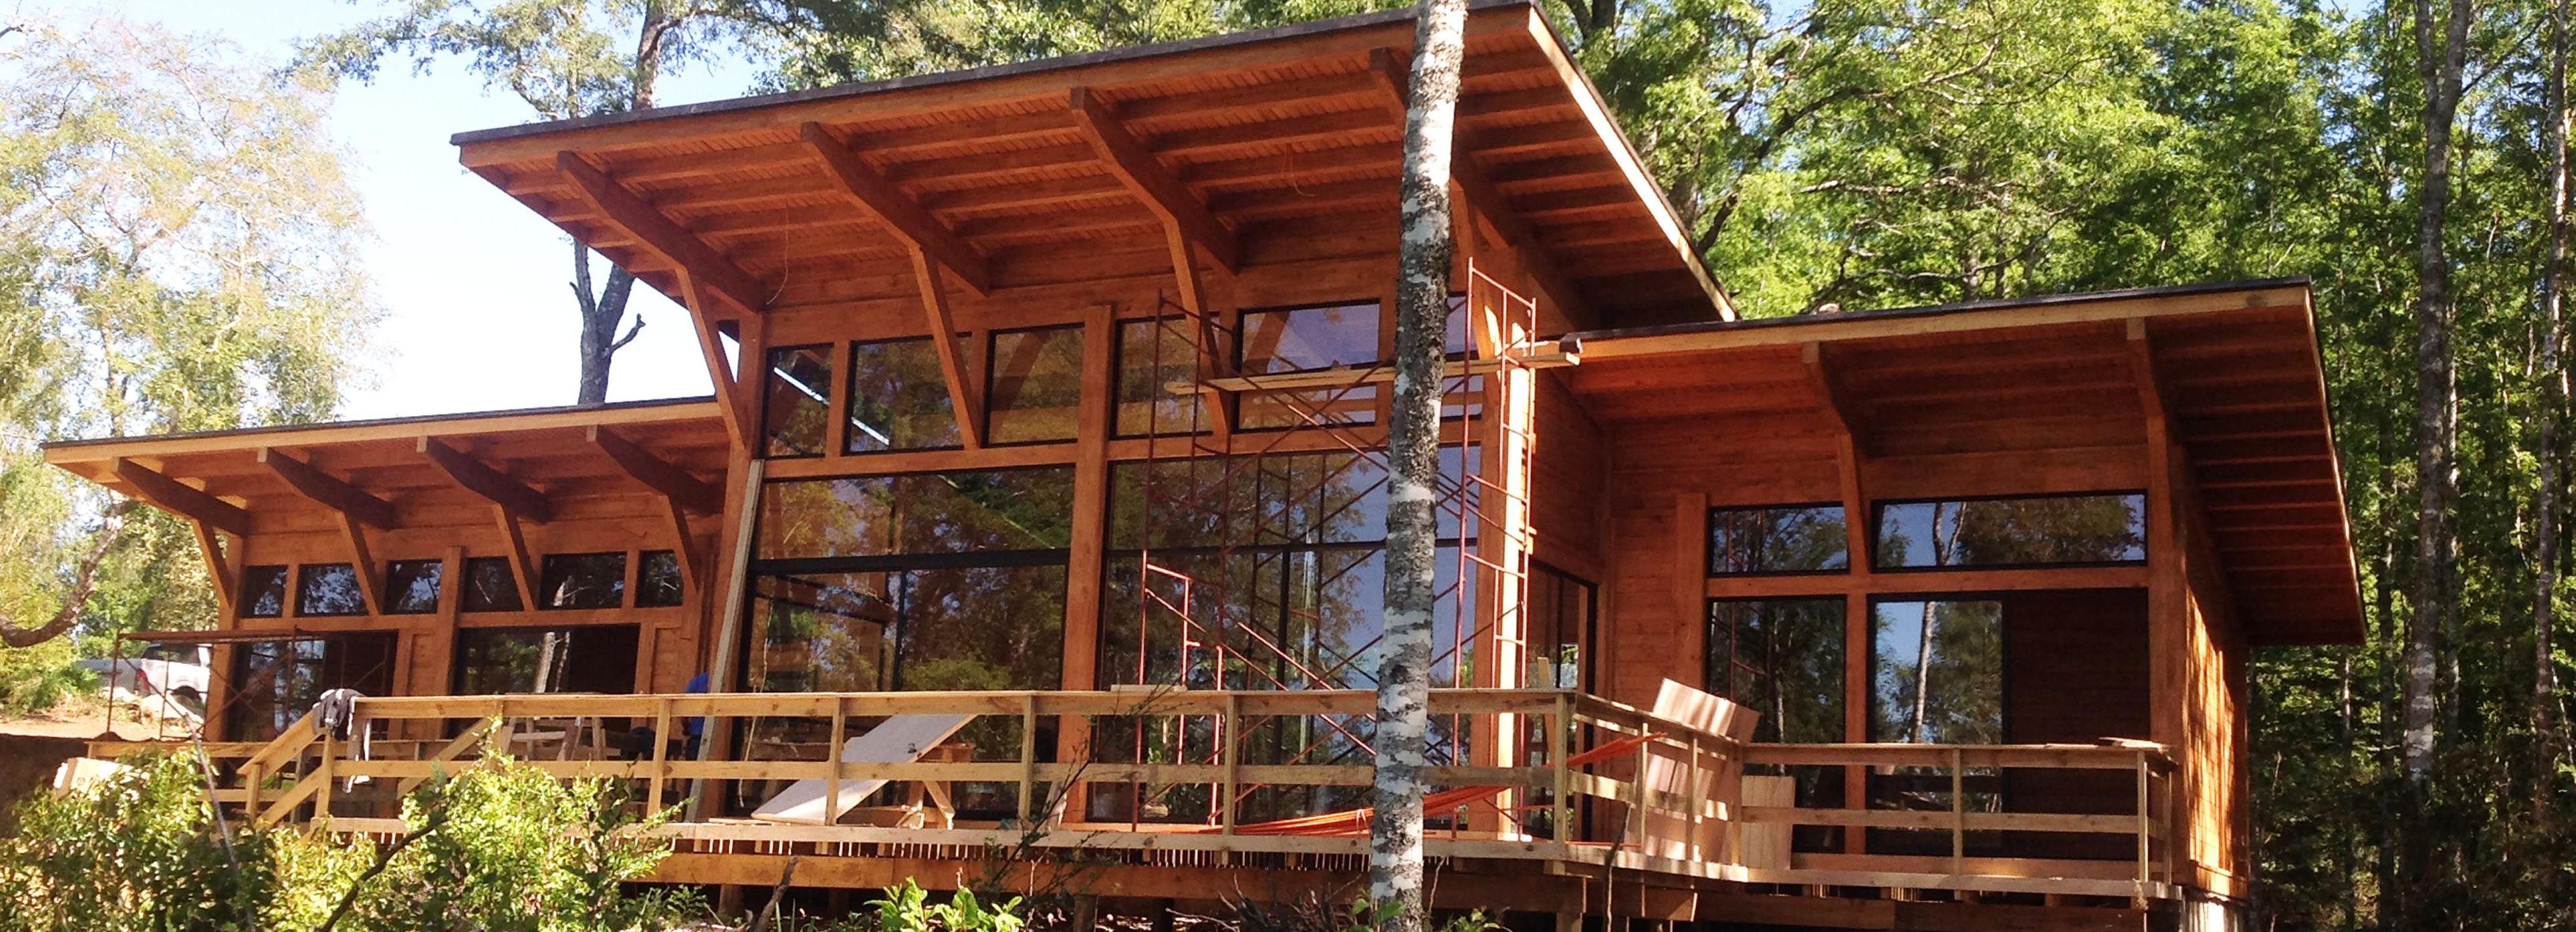 Foto 3 de casas de madera en tacoronte cortelima - Construcciones de casas de madera ...